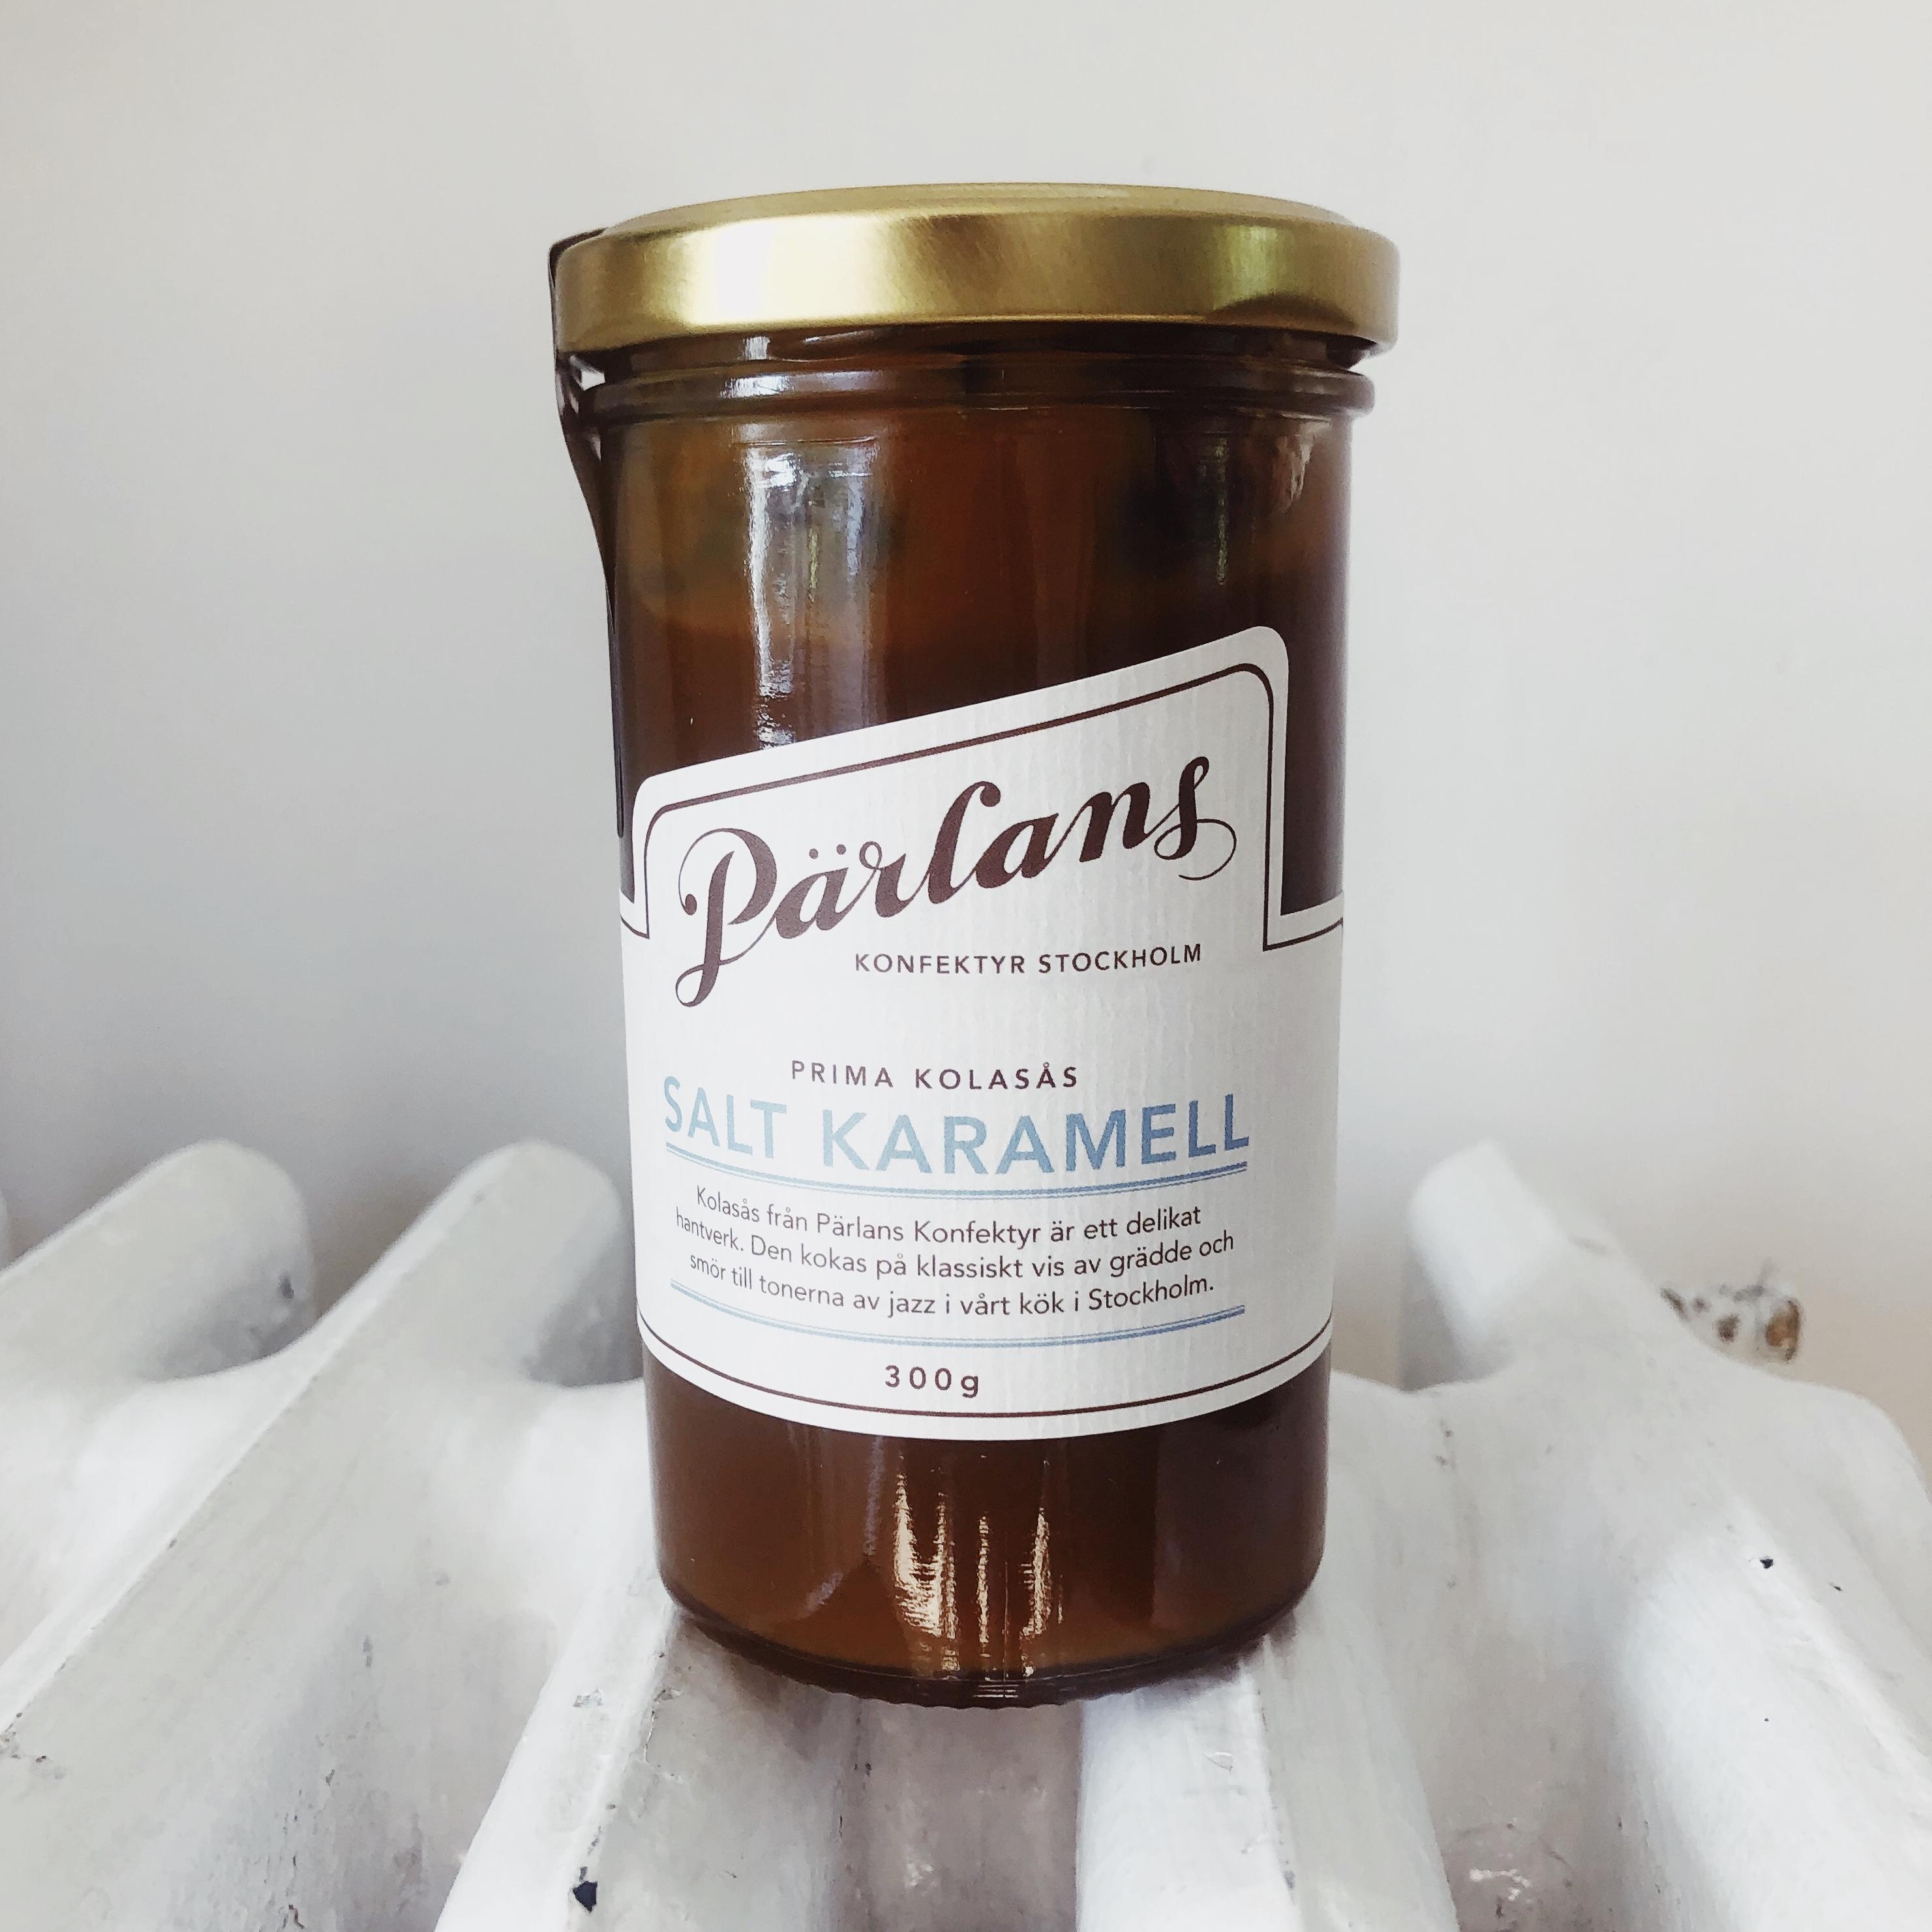 Pärlans Konfektyr / Salt Karamell